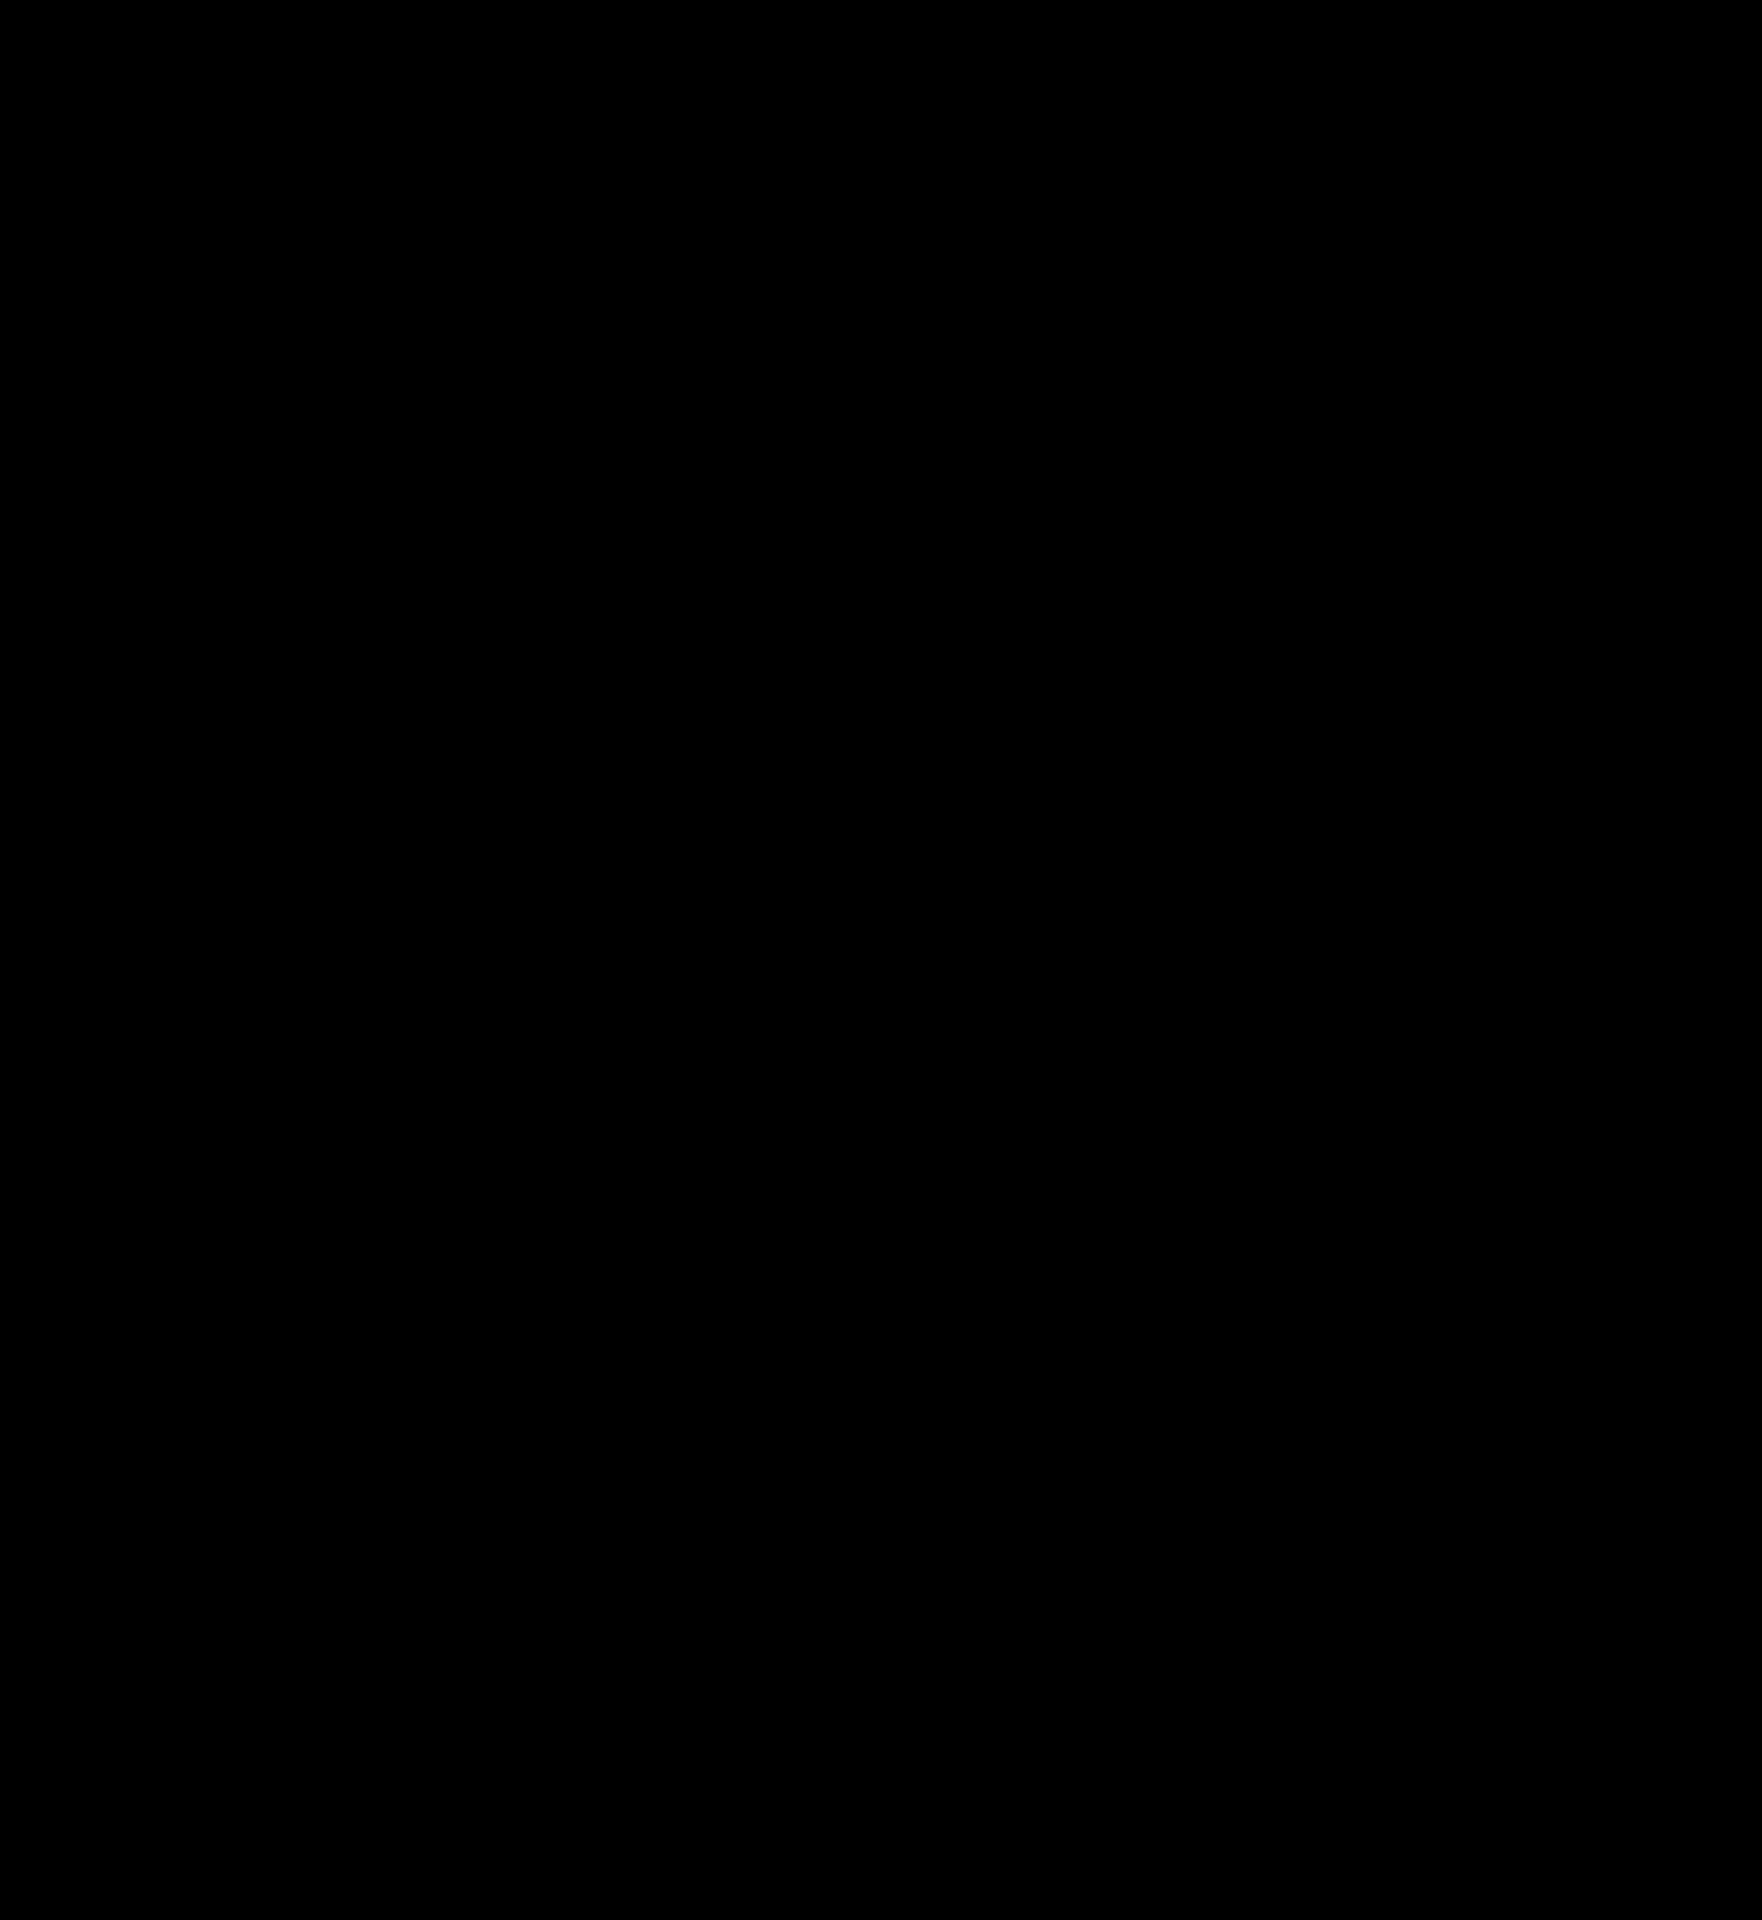 mandala-1826806_1920